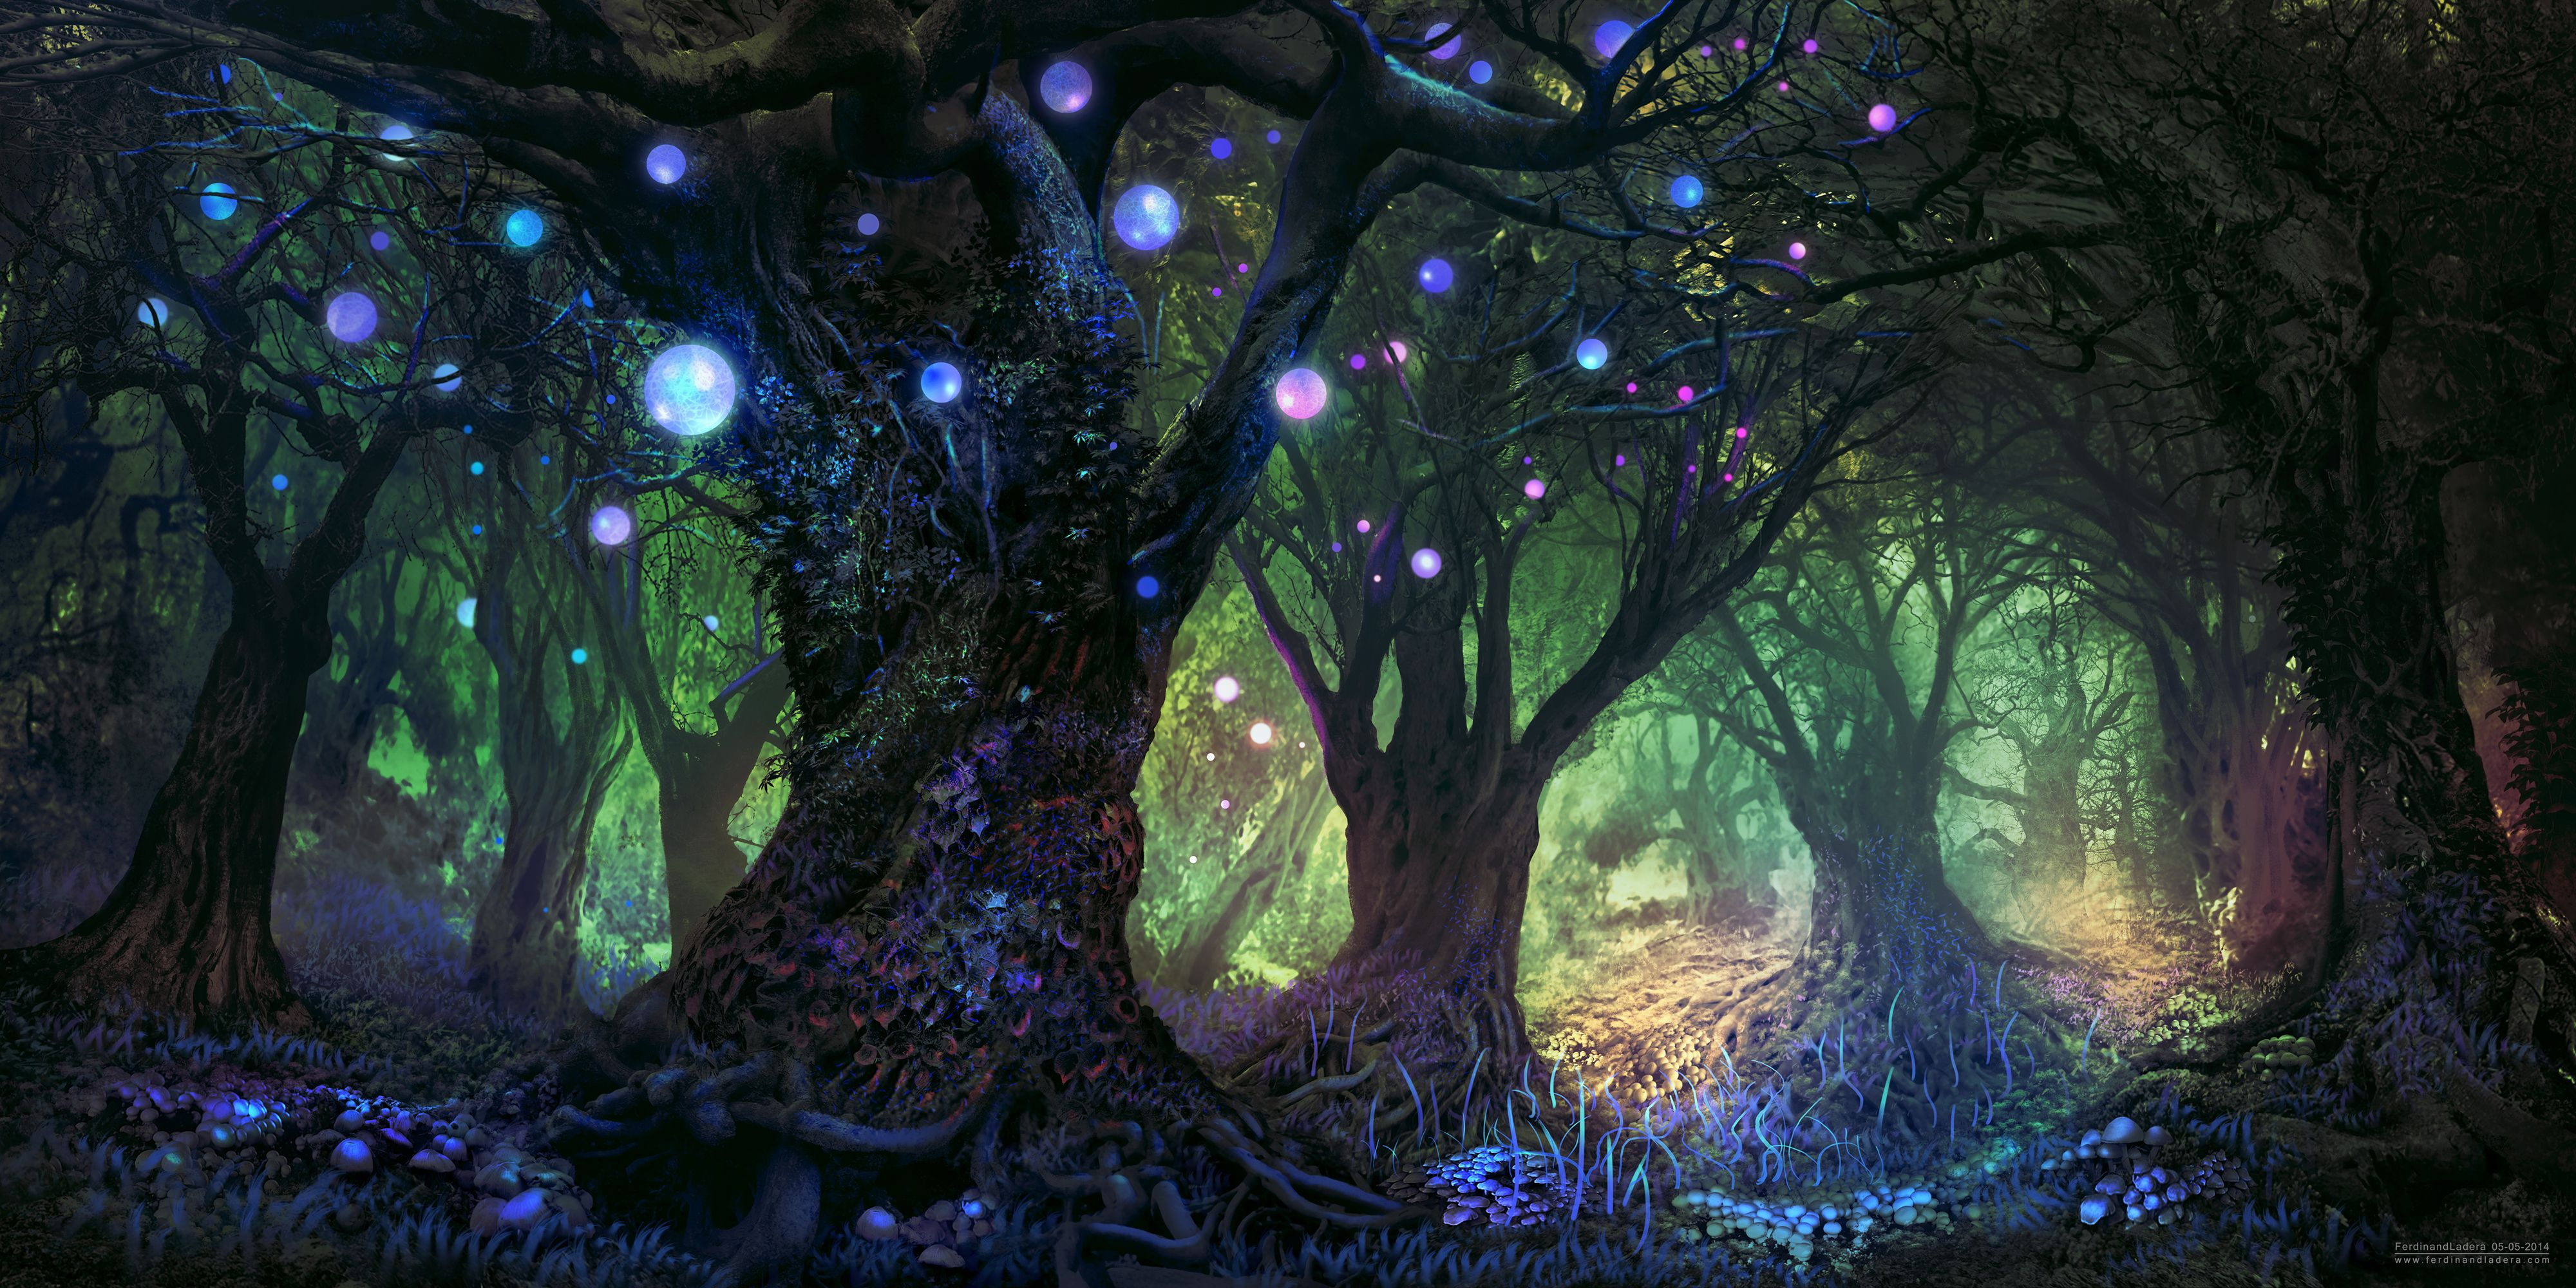 предложенном архиве картинки красивый волшебный лес этому может